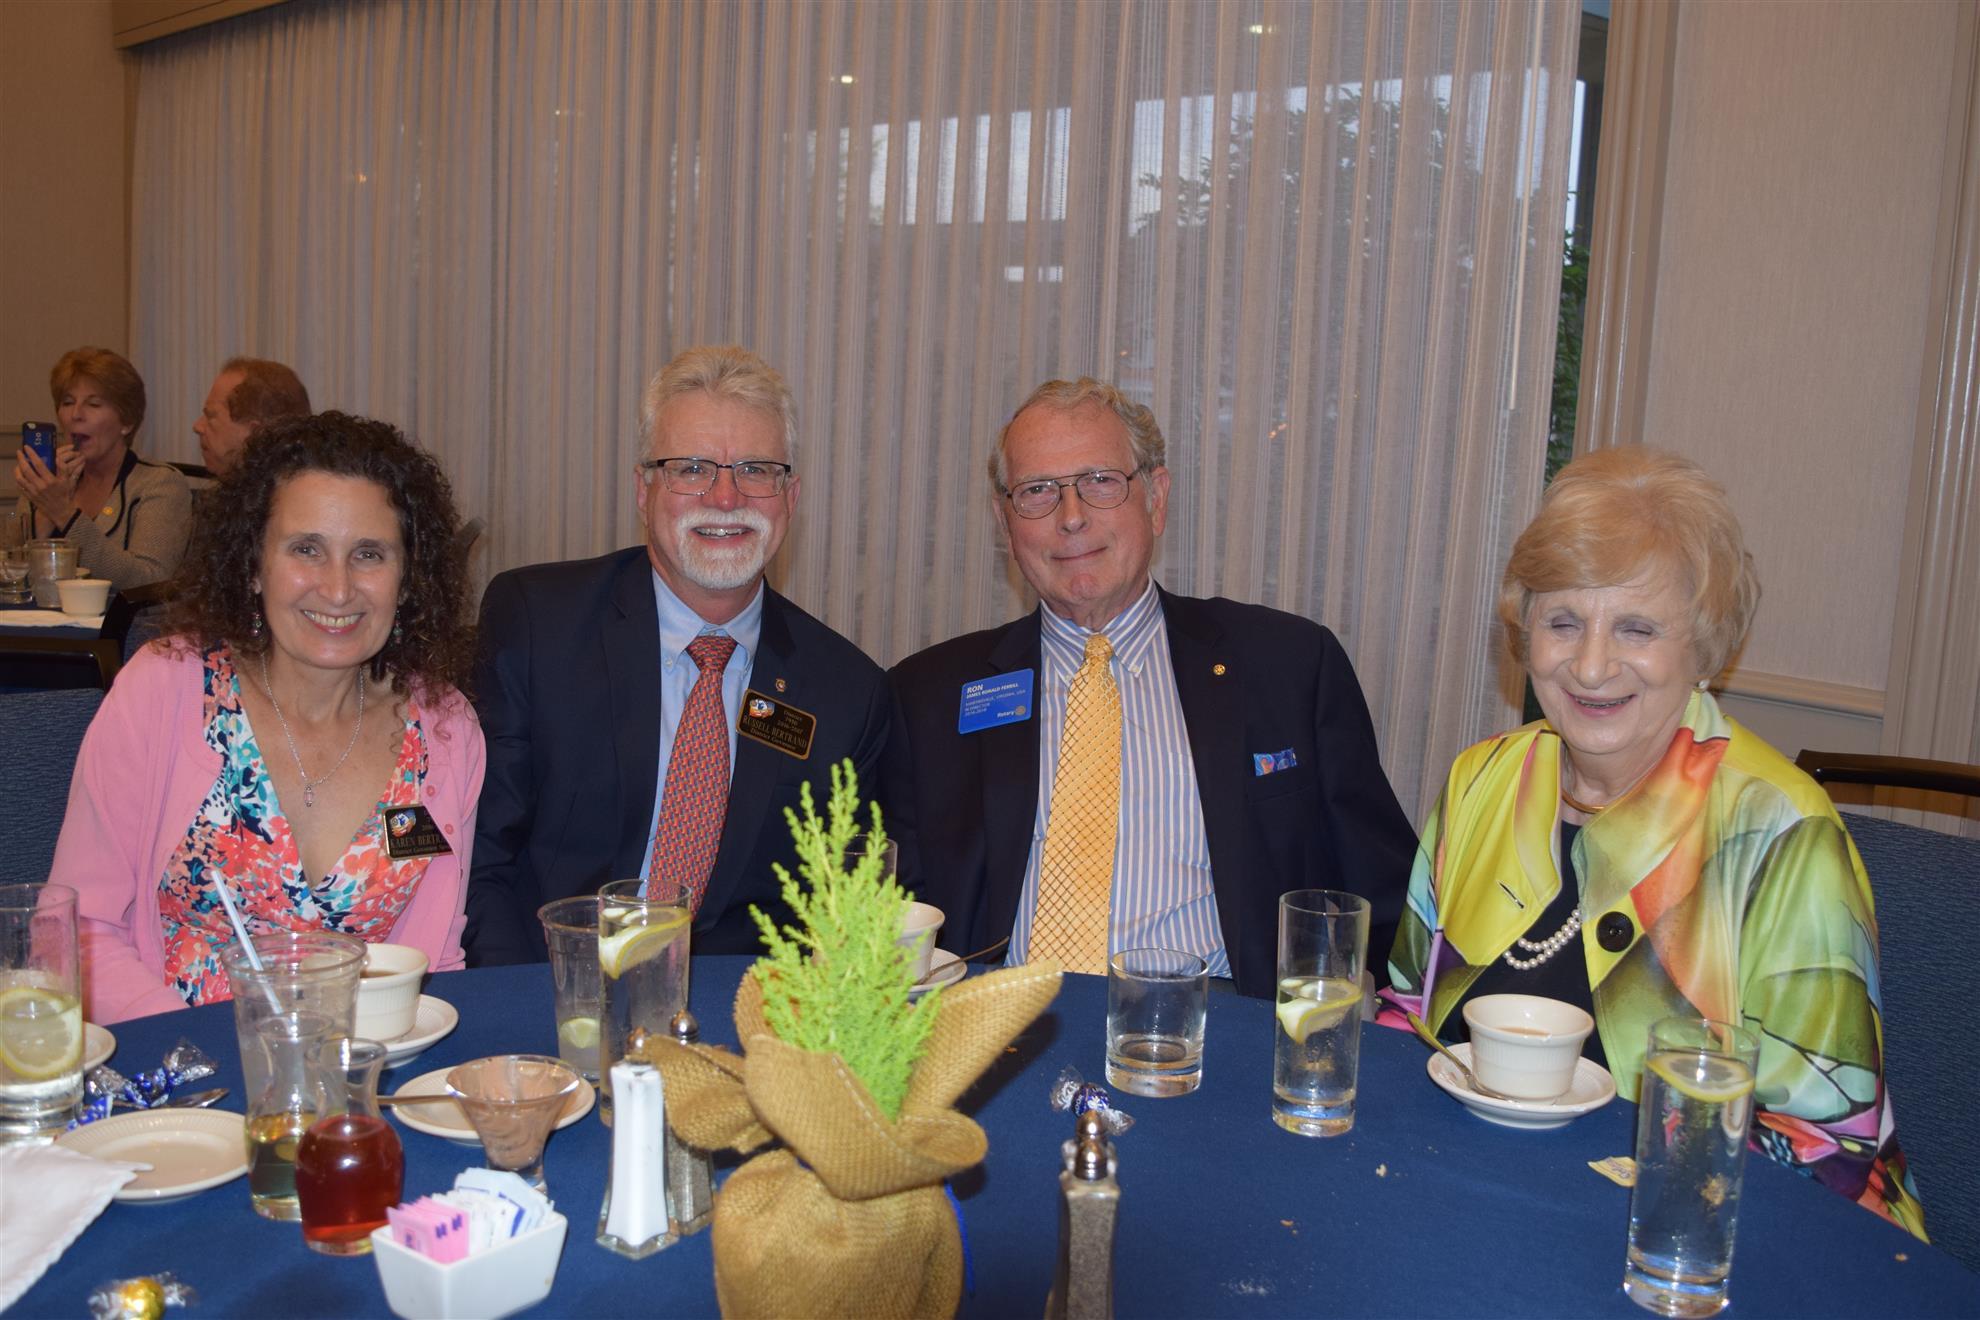 PDG Russell Bertrand & Karen, Pres. Rep. Ron & Elaine Ferrill